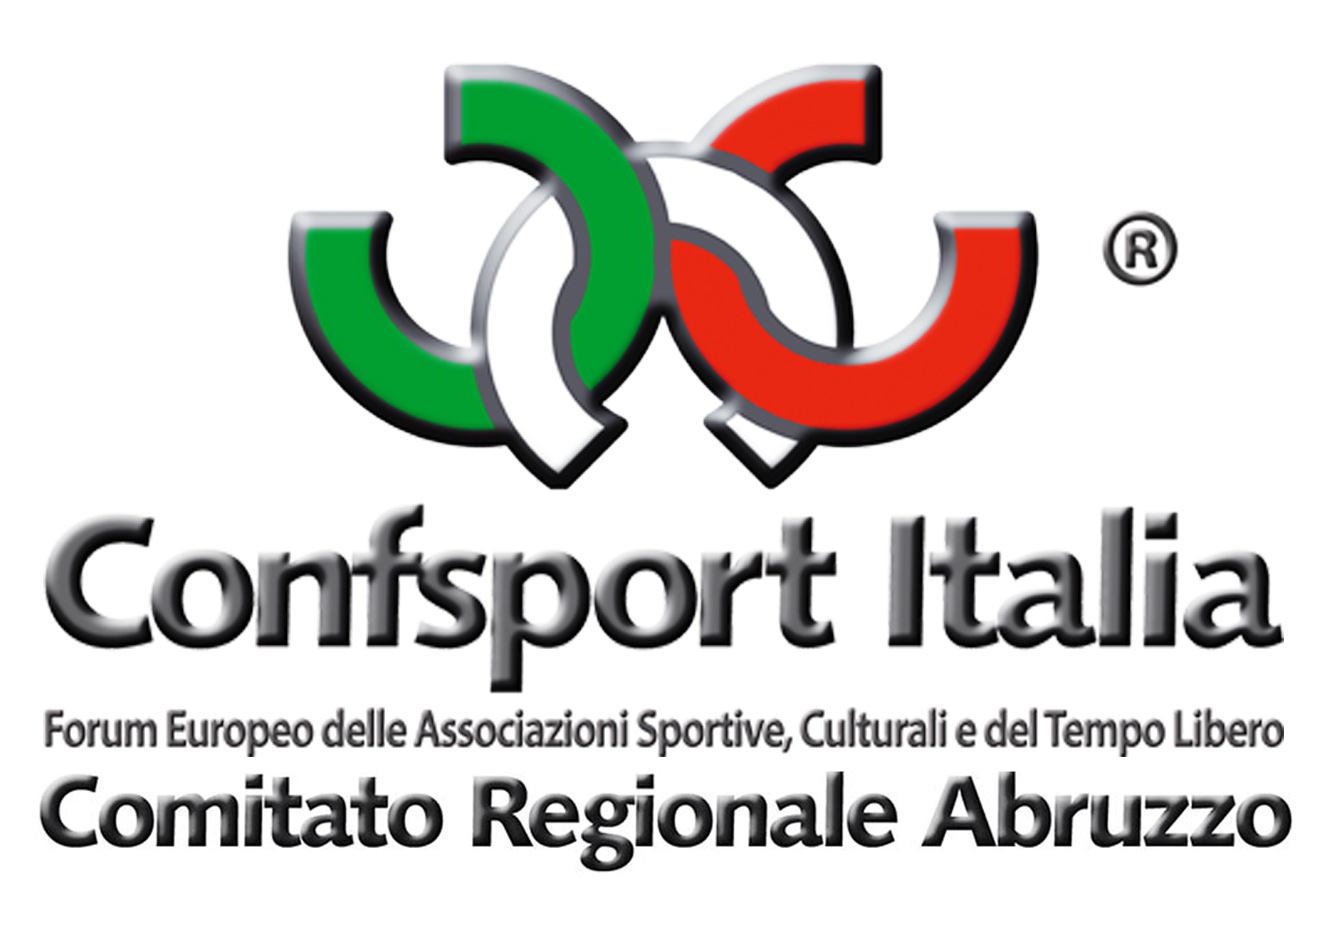 Calendario Regionale Abruzzo.Regione Abruzzo Confsport Italia